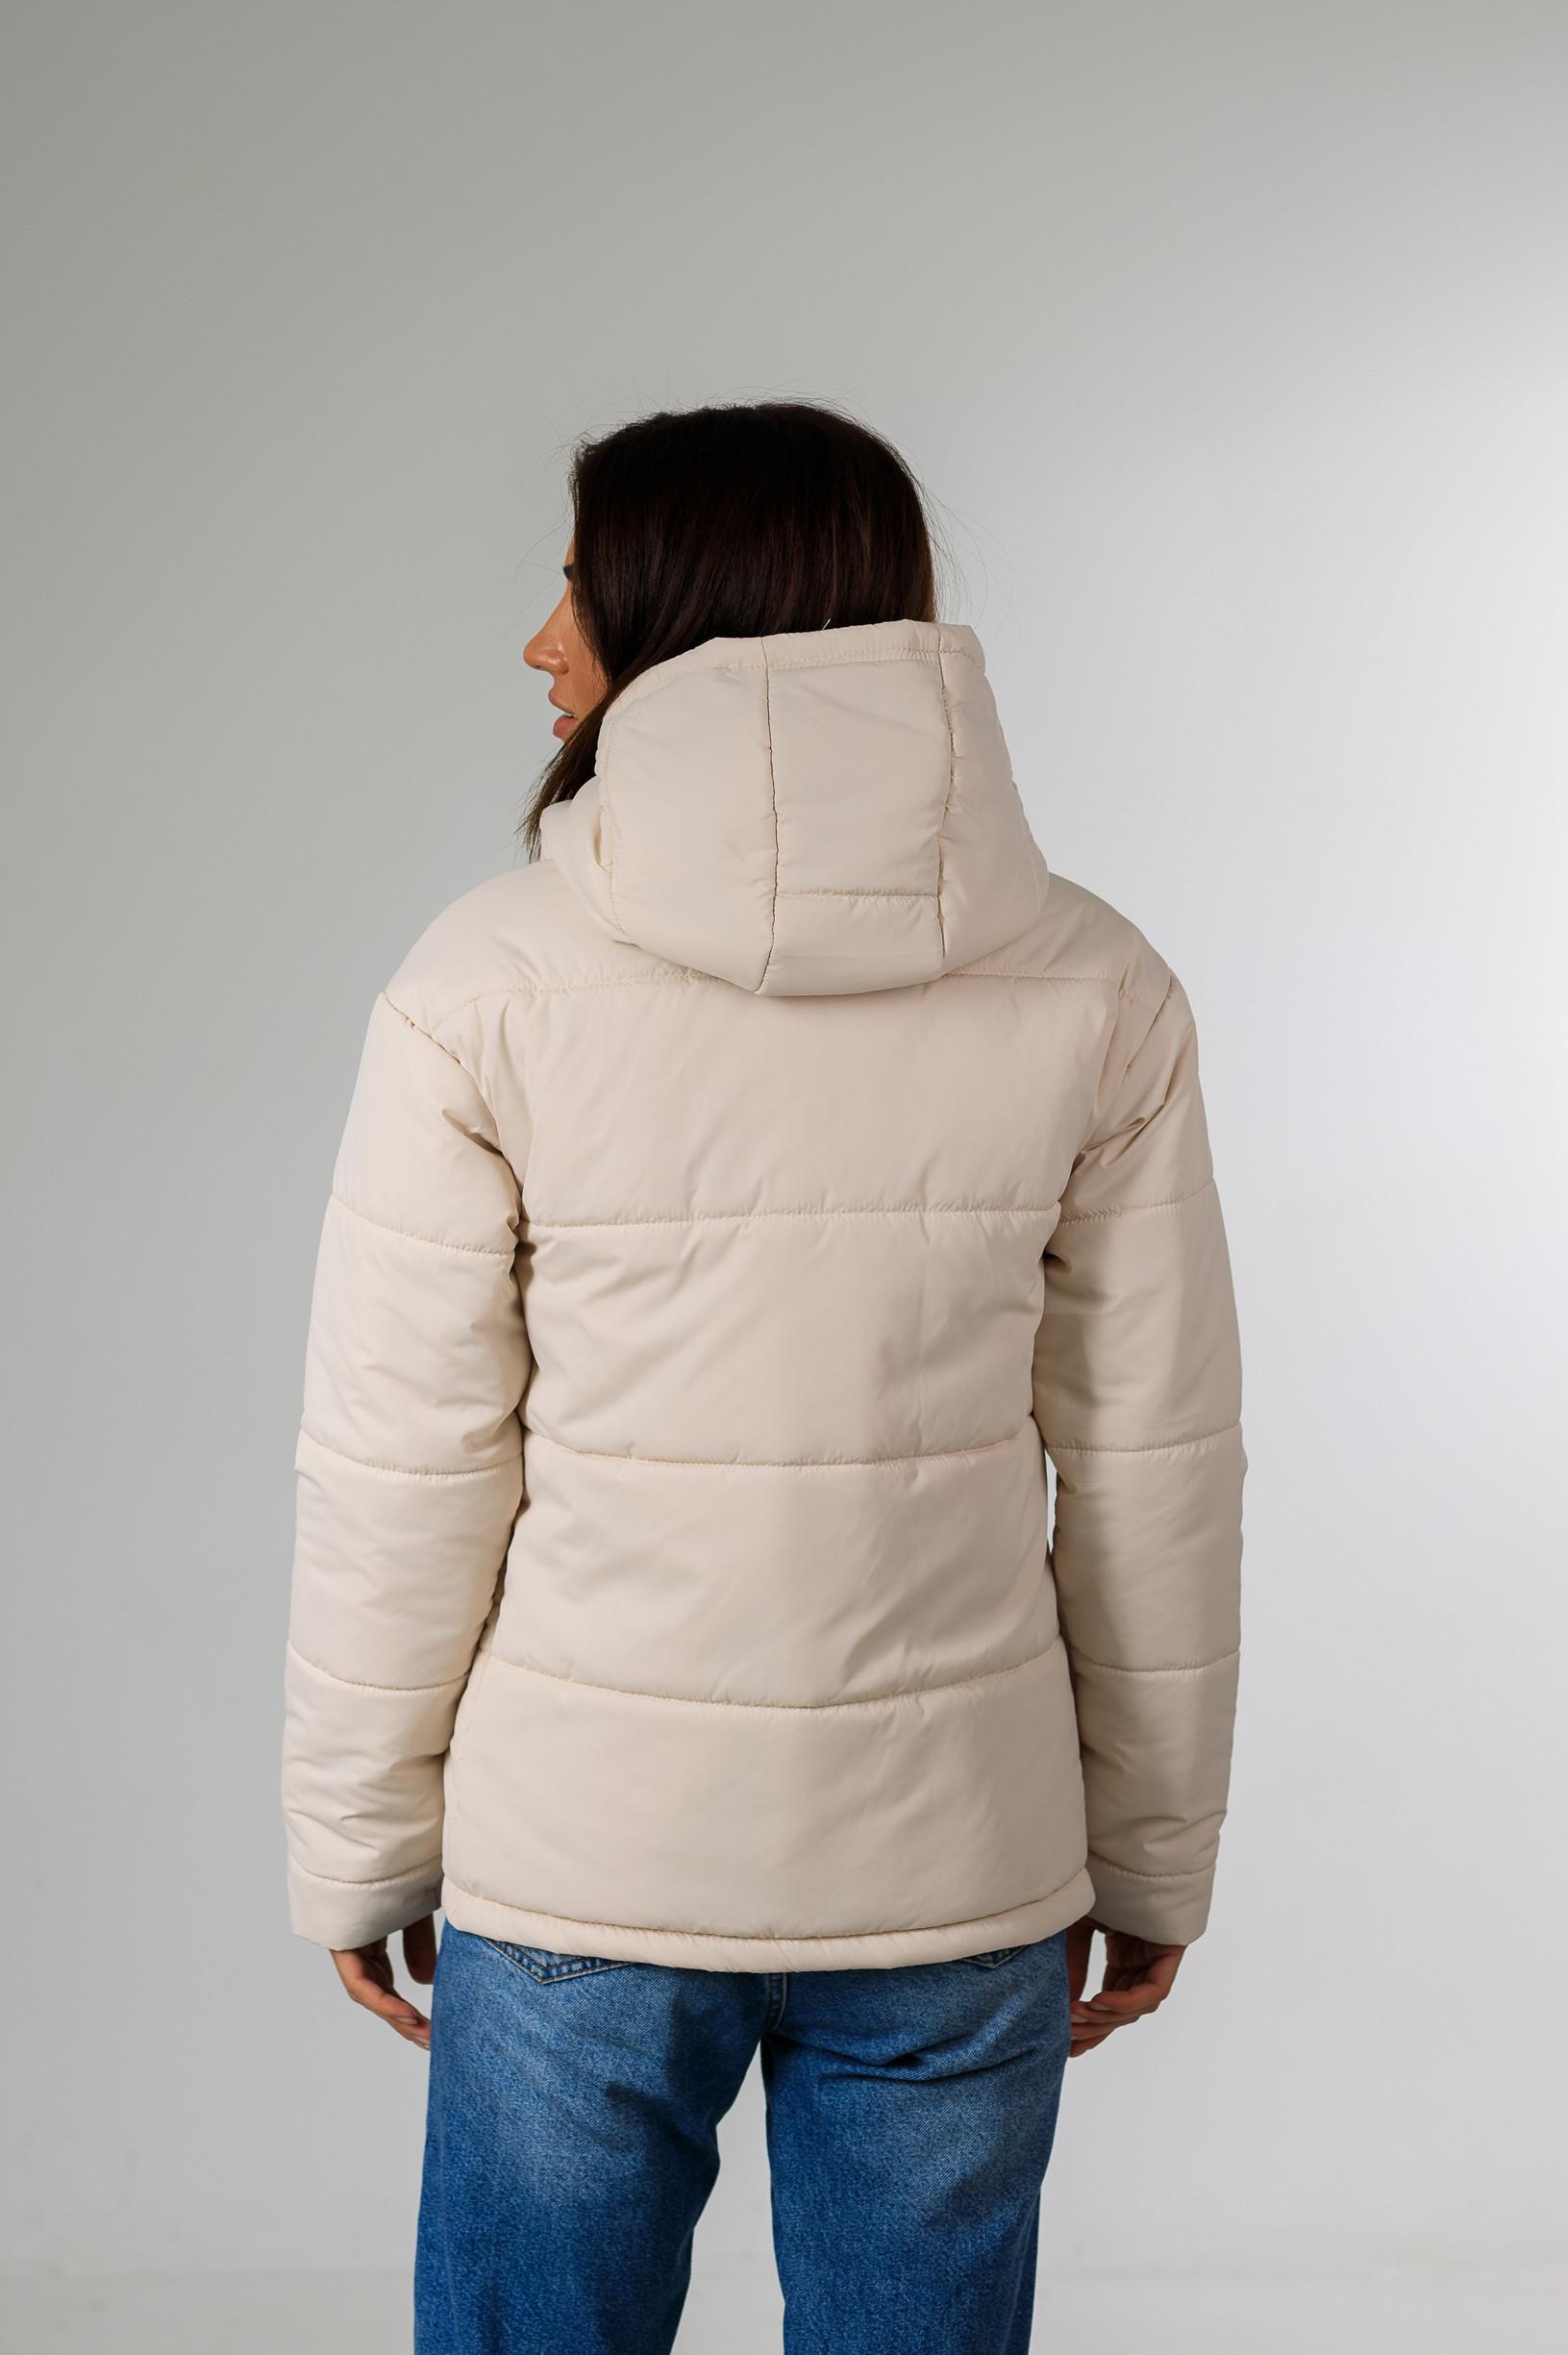 Демисезонная женская куртка Фреди молочного цвета